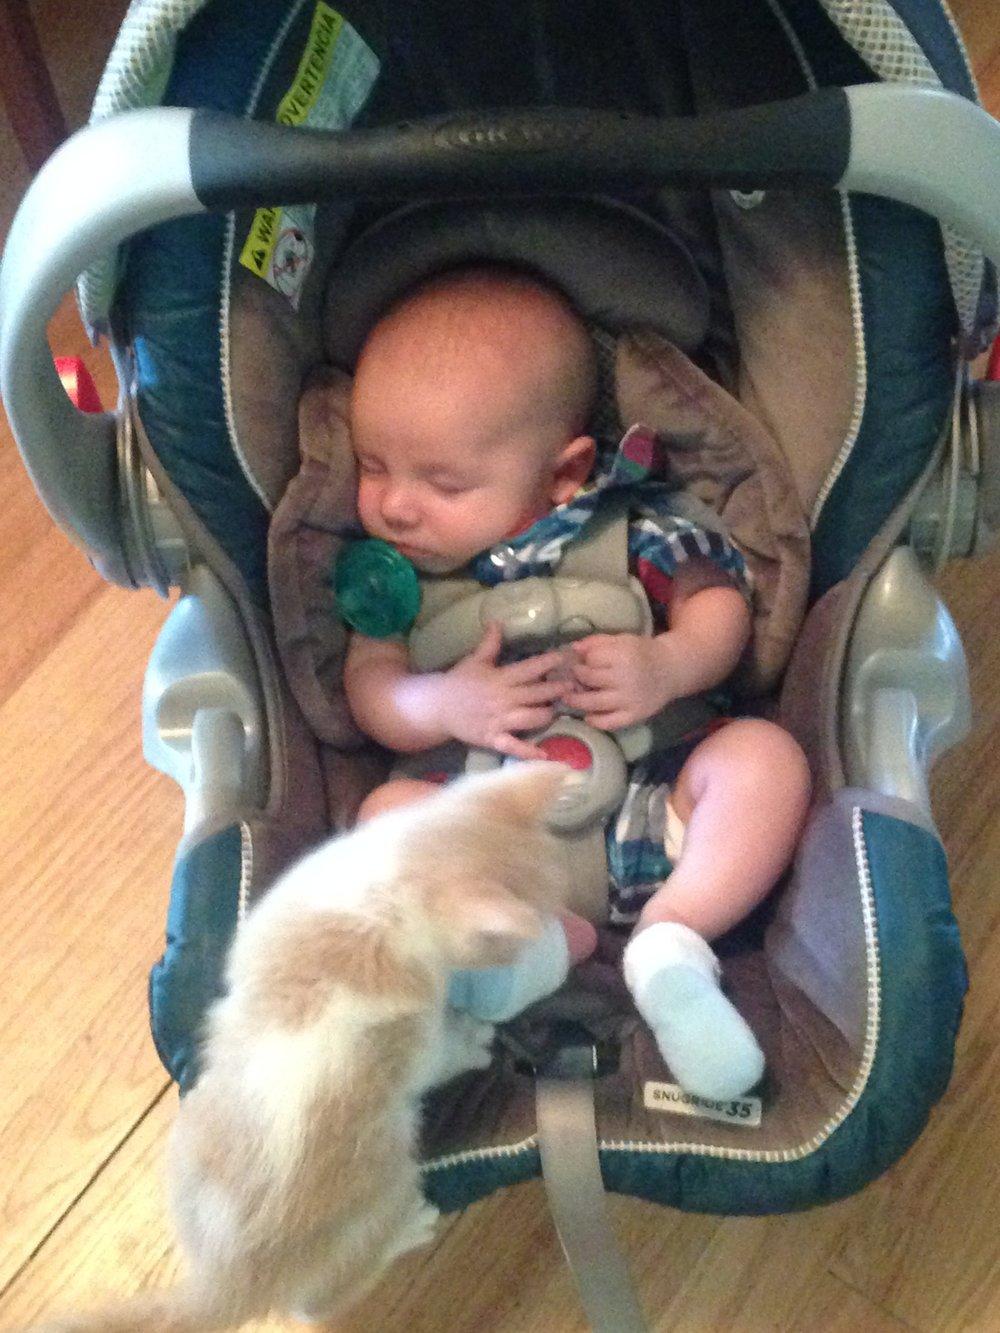 Will and kitten, Denver, CO